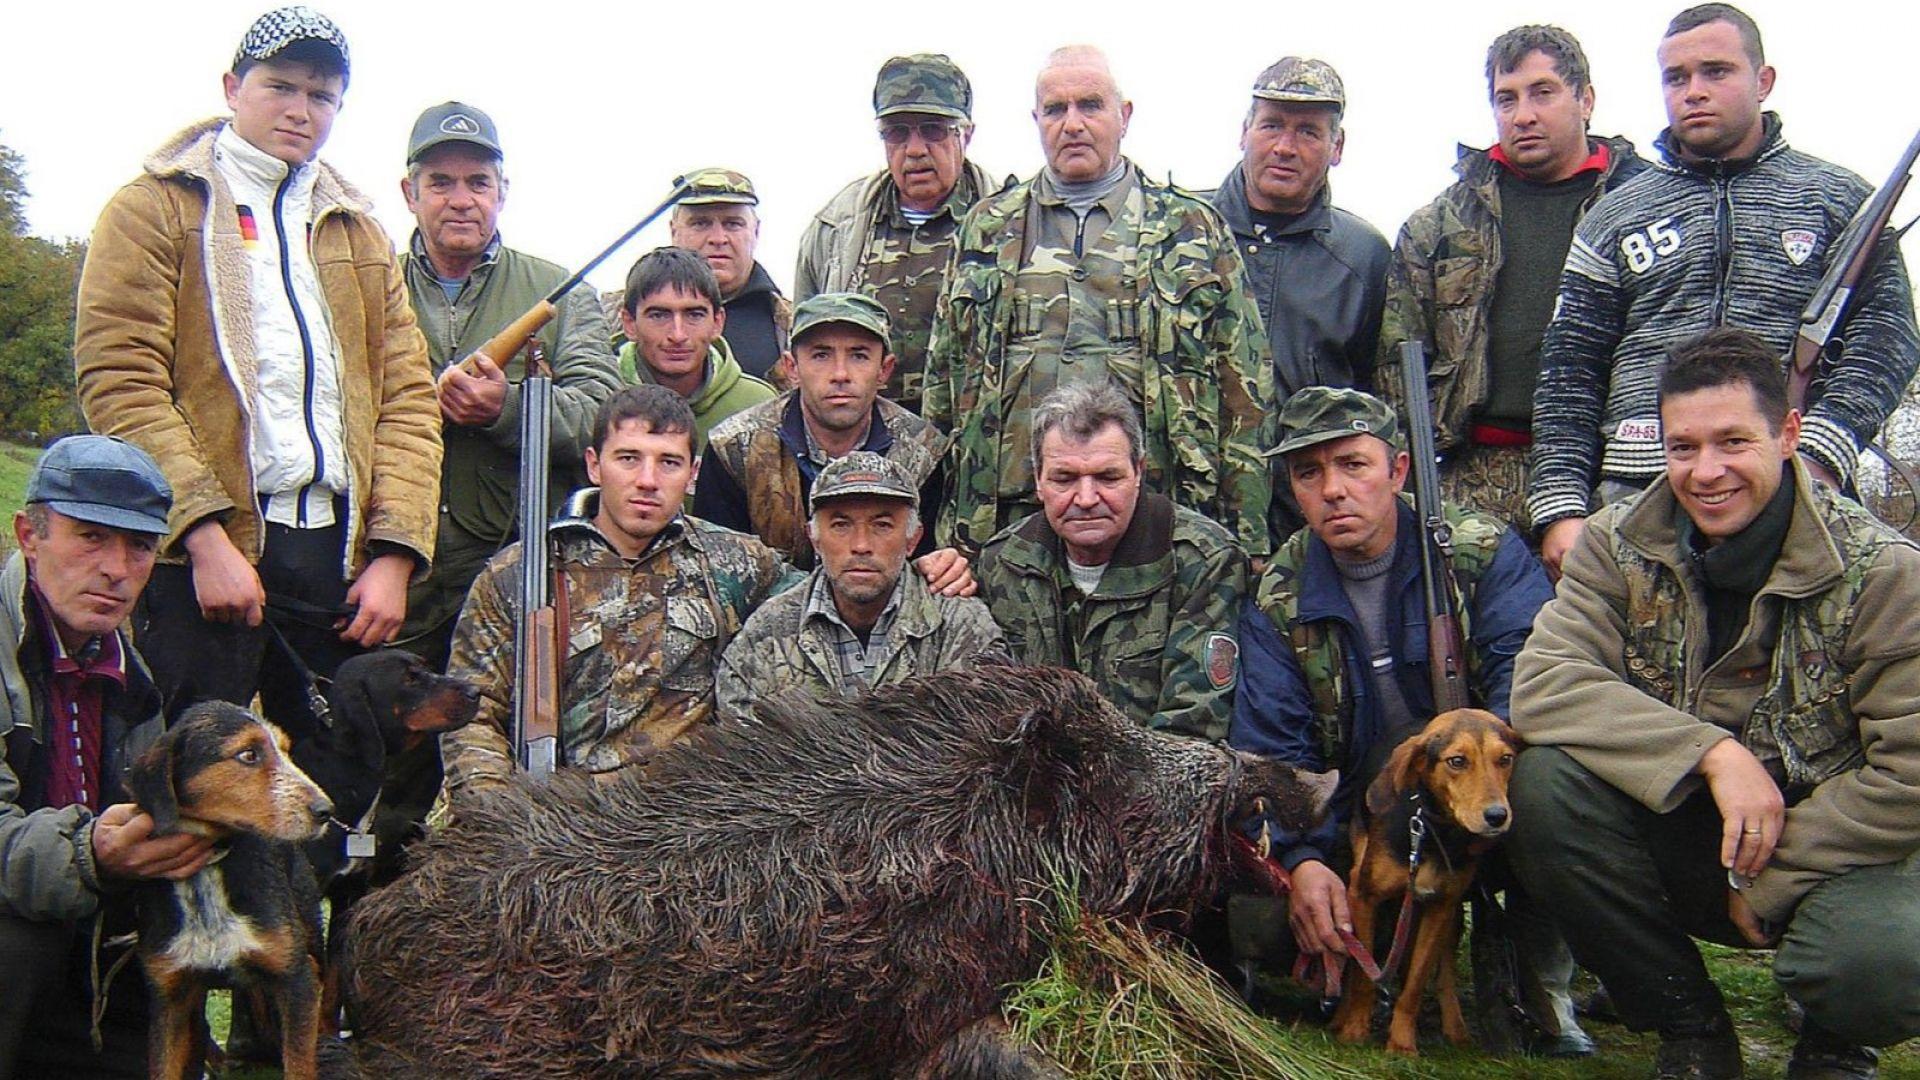 Сроковете за ловуване да се променят със заповед на министъра